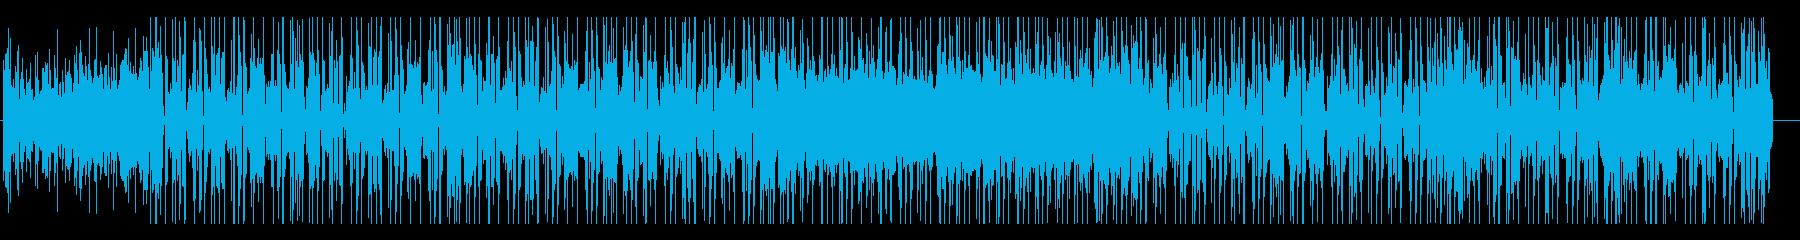 夜 ヒップホップ ドライブ の再生済みの波形